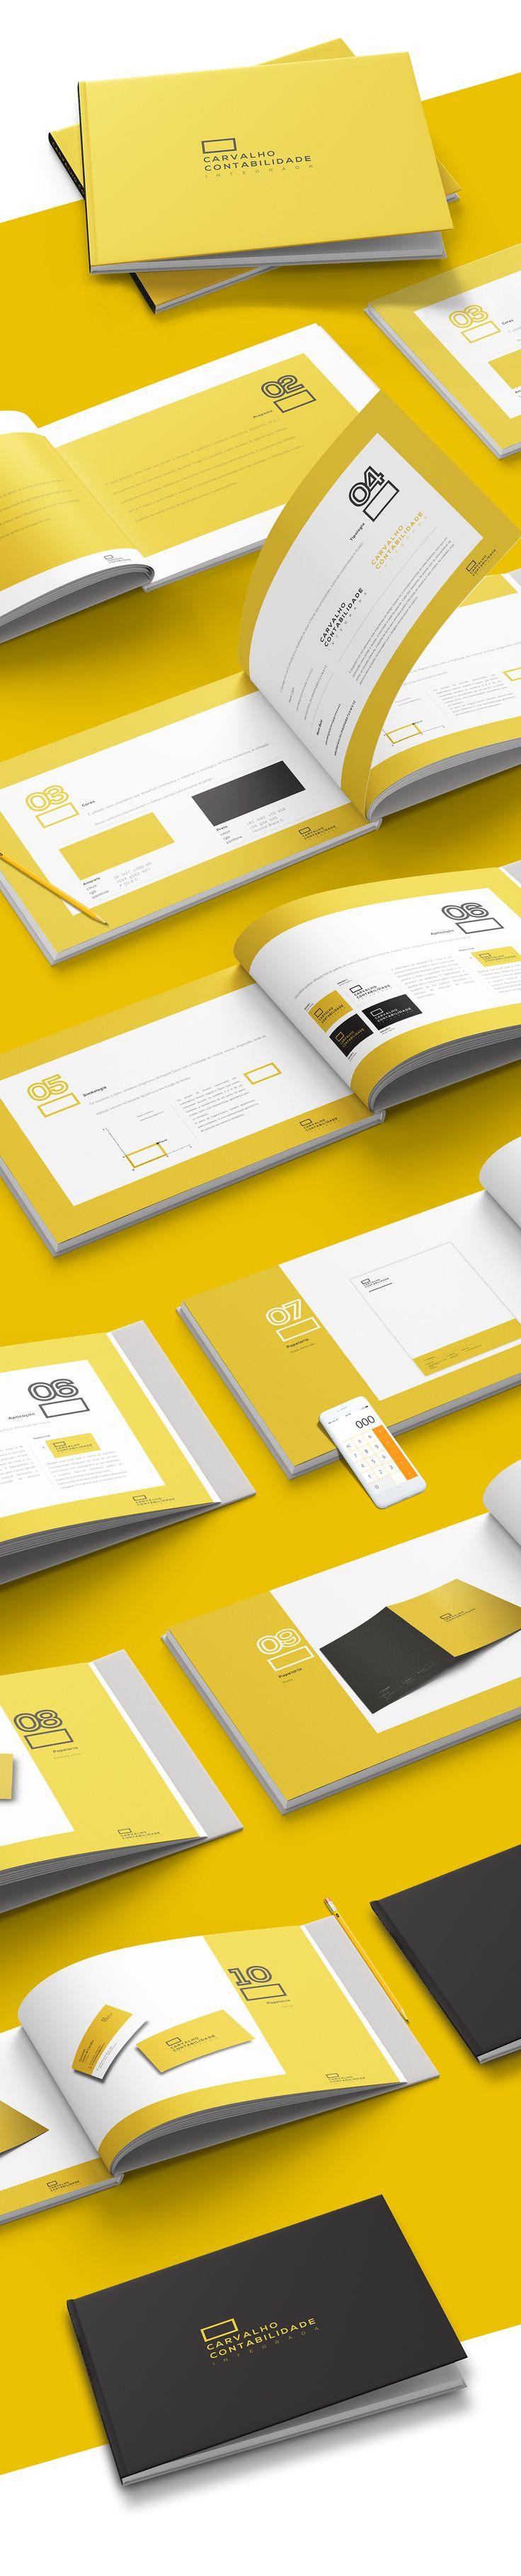 Confira este projeto do @Behance: u201cCarvalho Contabilidade - Brandingu201d https://www.behance.net/gallery/53466031/Carvalho-Contabilidade-Branding